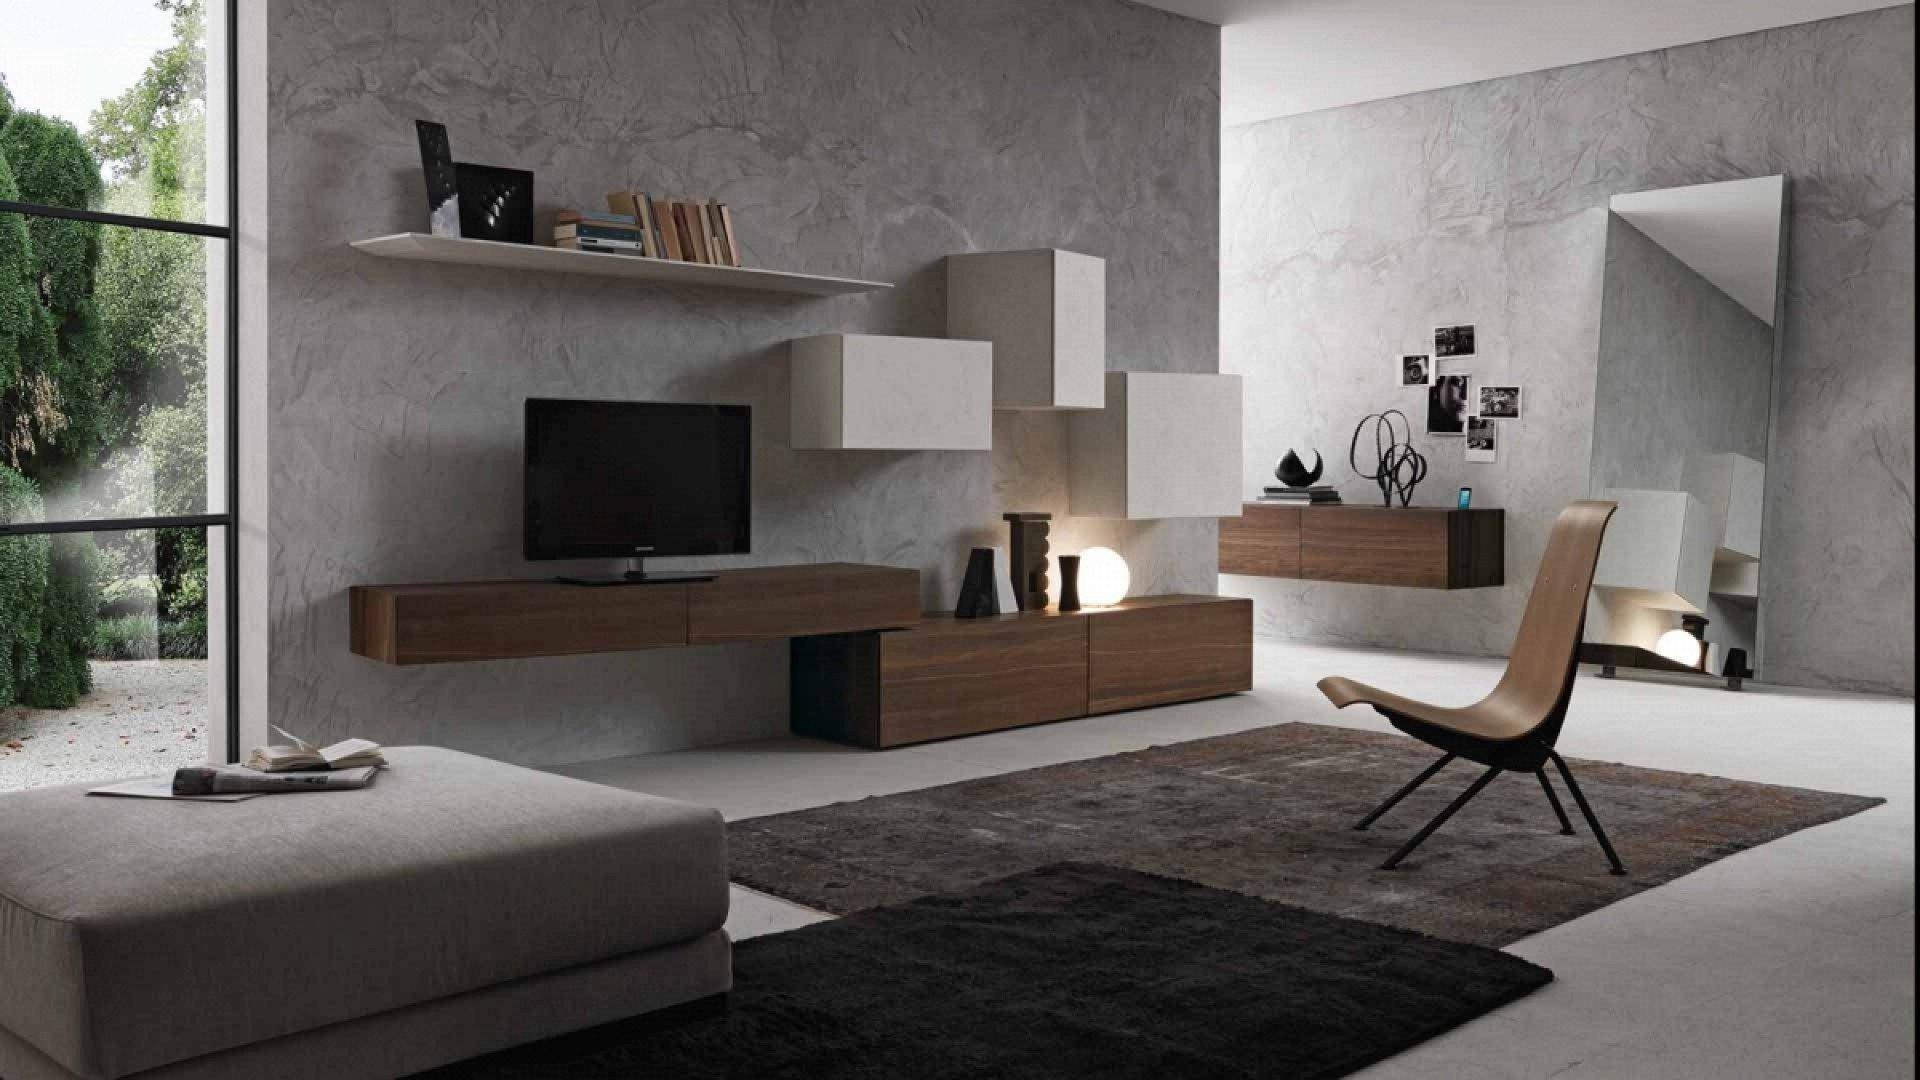 Best Composizioni Soggiorno Moderni Ideas - Home Design Inspiration ...